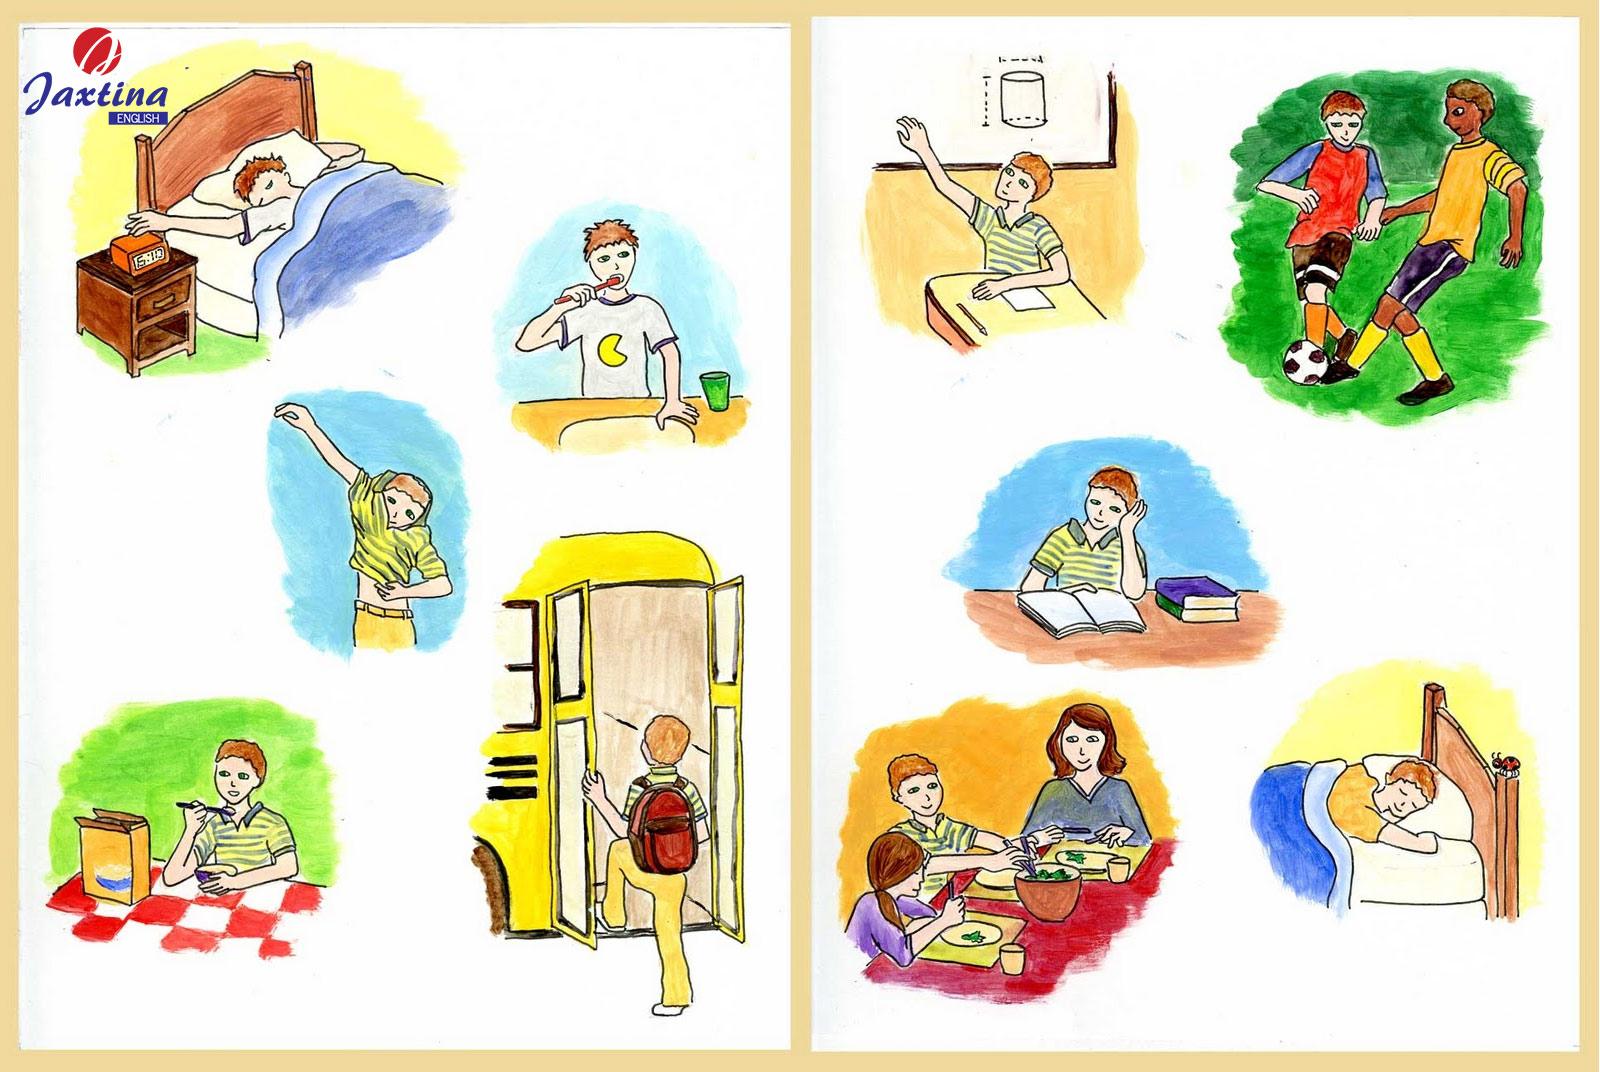 Các hoạt động hàng ngày (Daily Activities) trong tiếng Anh